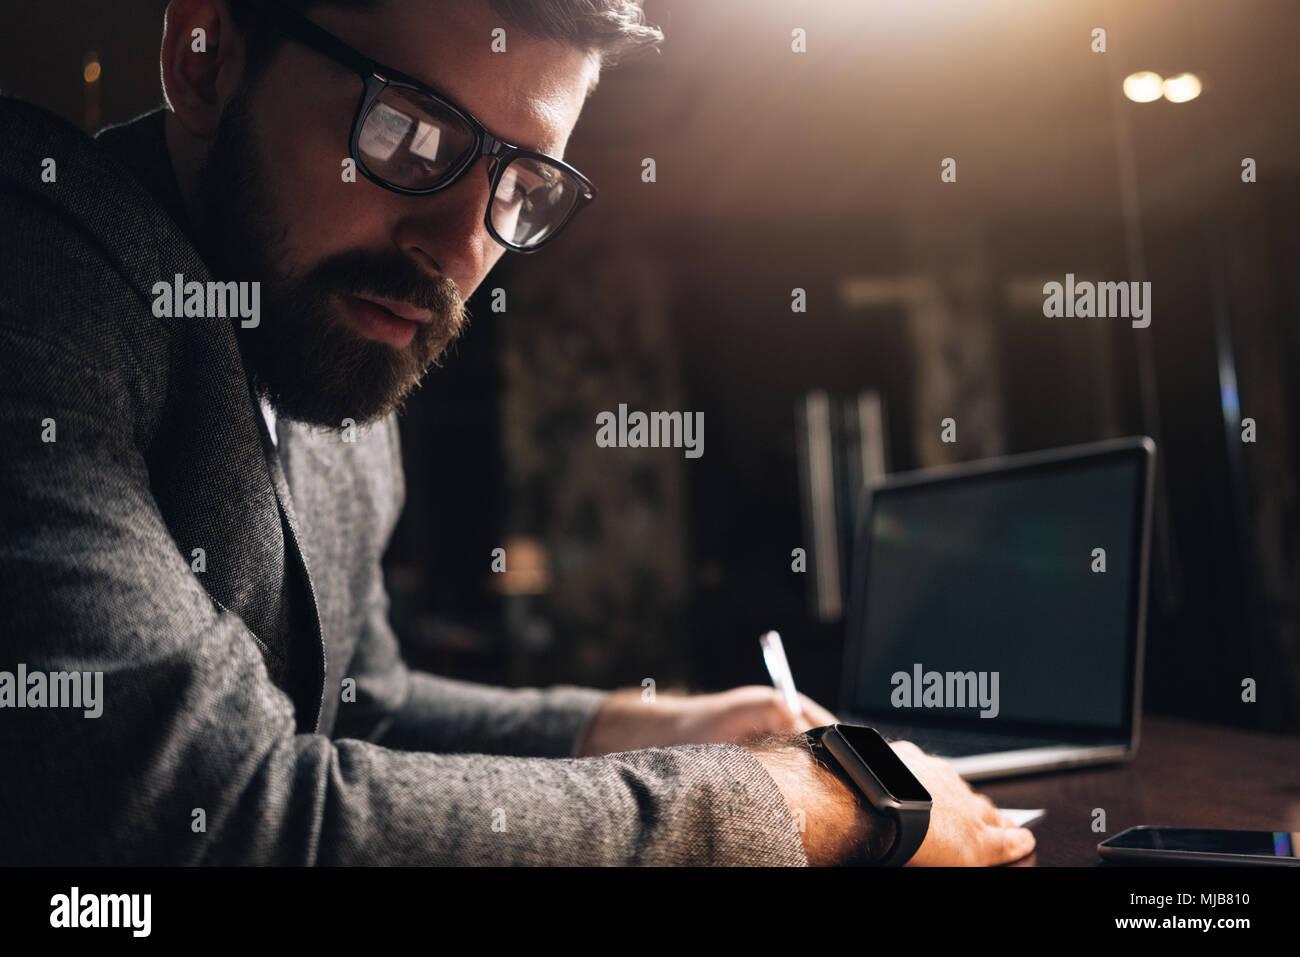 Close-up retrato de hombre barbado portando gafas y smartwatch en la noche coworking espacio loft. Director creativo joven mirando a otro lado. Empresario us Imagen De Stock